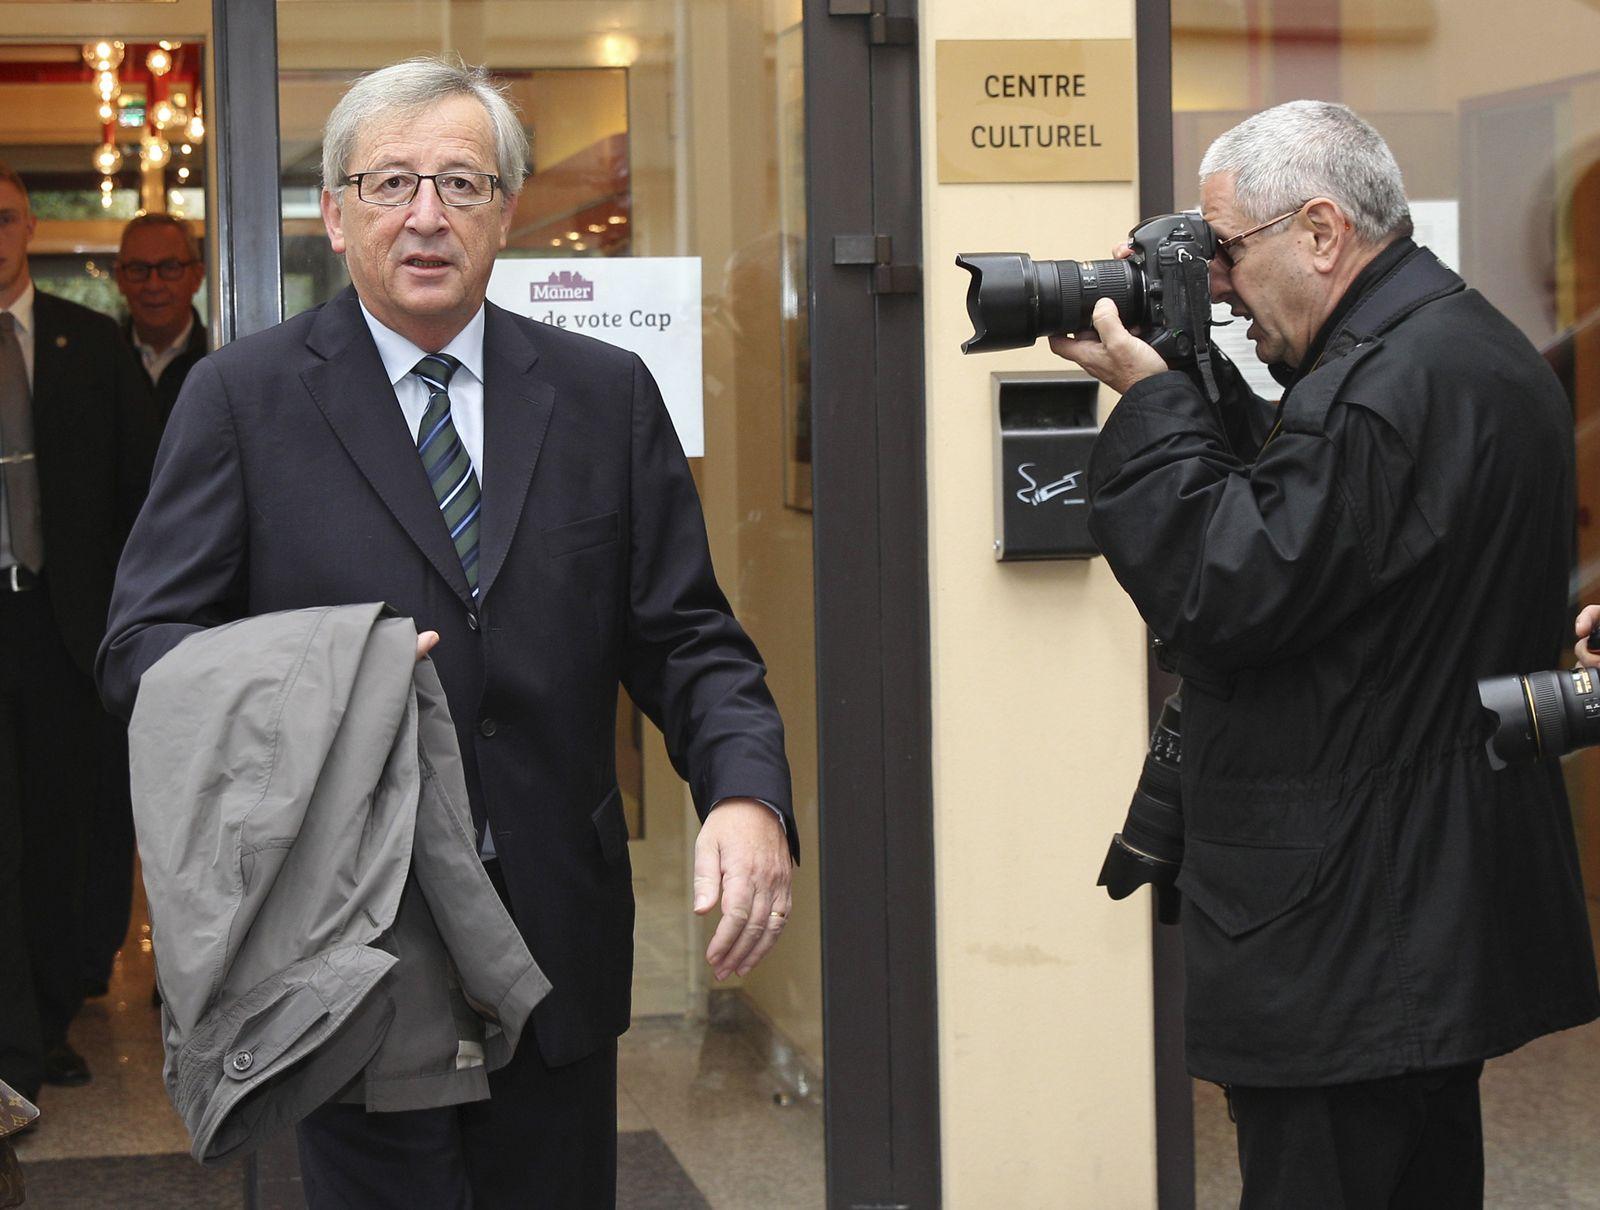 Jean-Claude Junckerhat gewählt